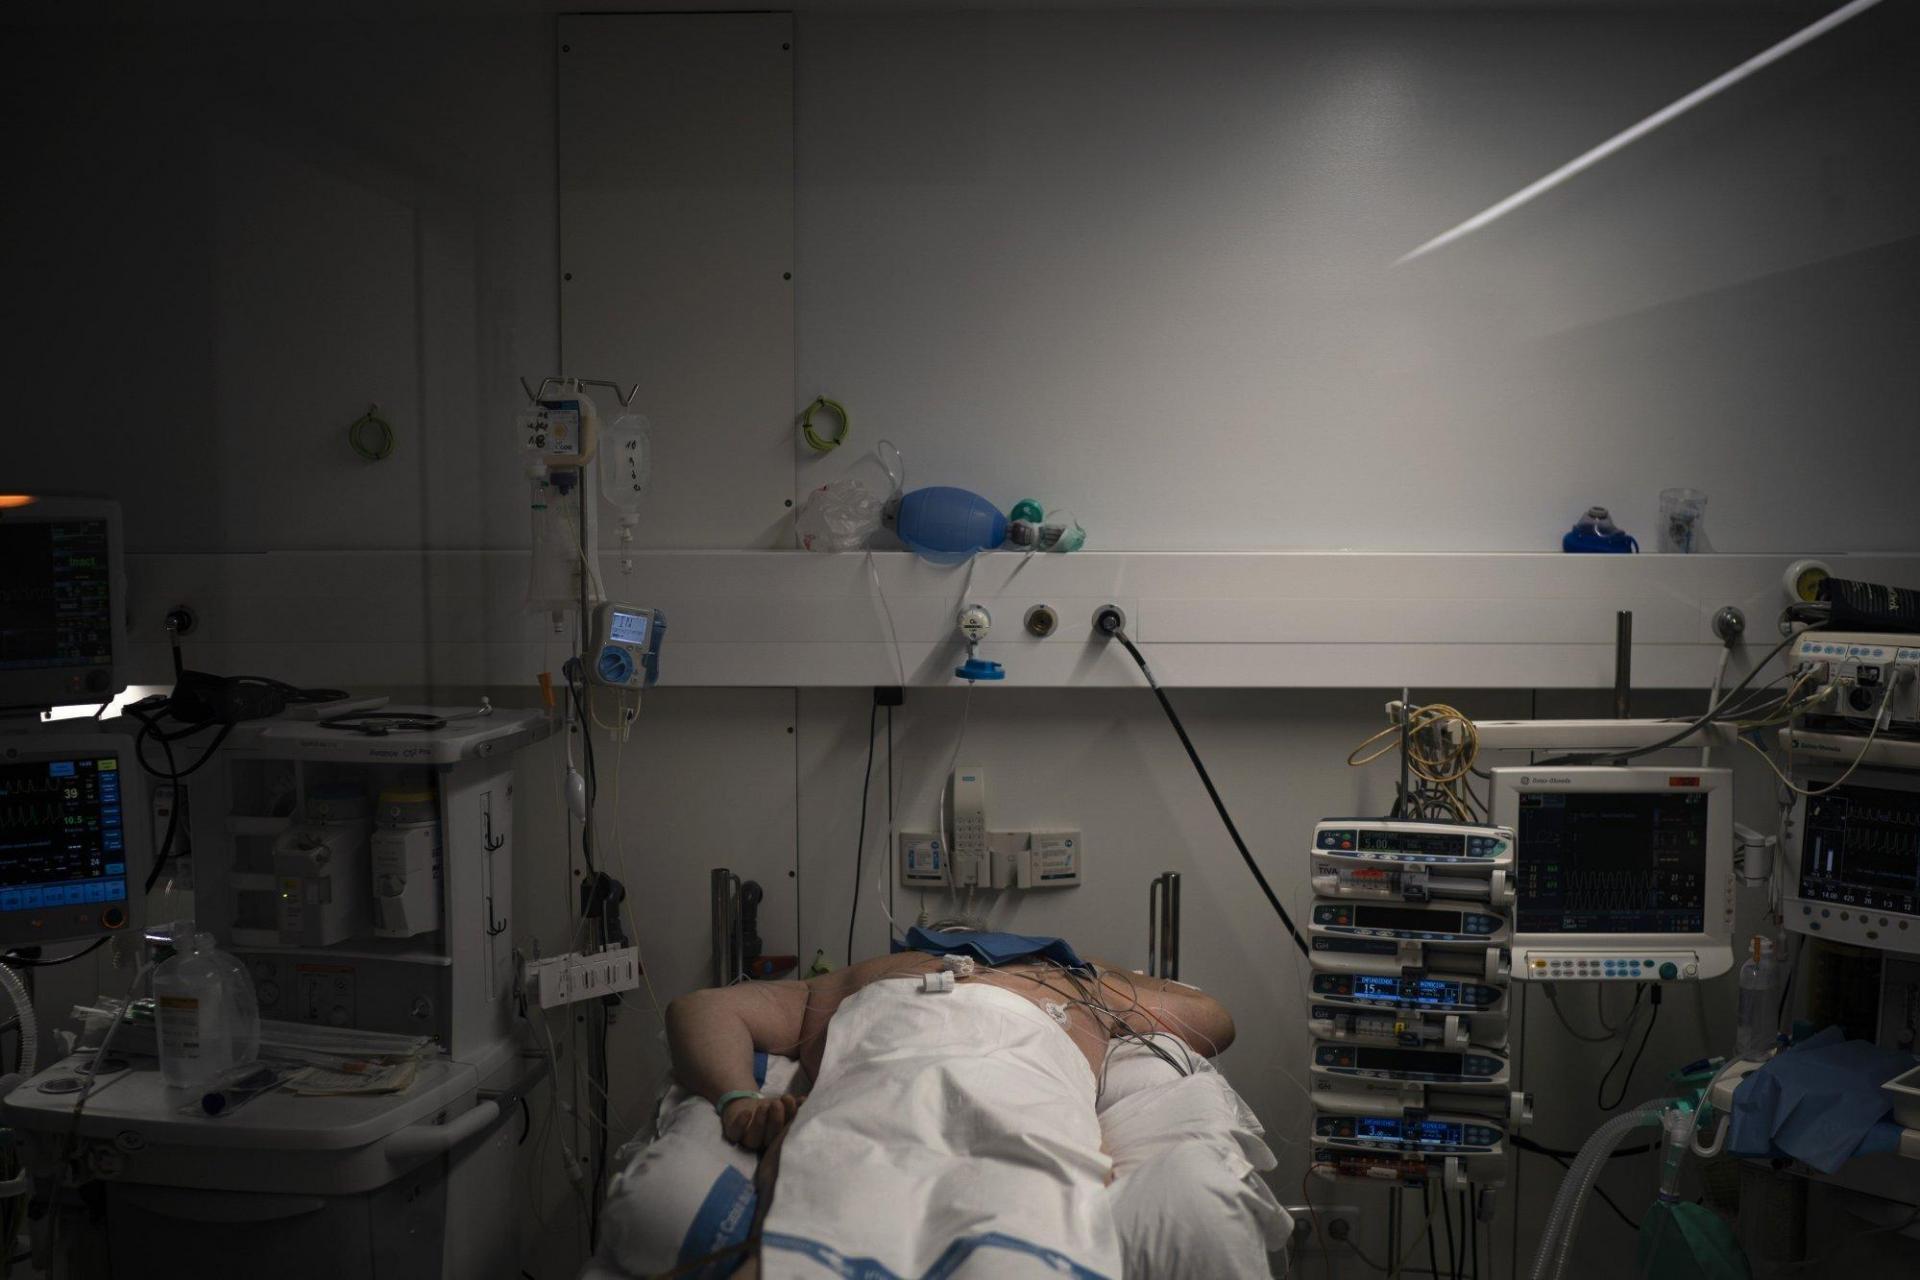 Hầu hết bệnh nhân đươc đặt nội khí quản và sử dụng máy thở. Một số người nằm sấp để giảm áp lực lên phổi.